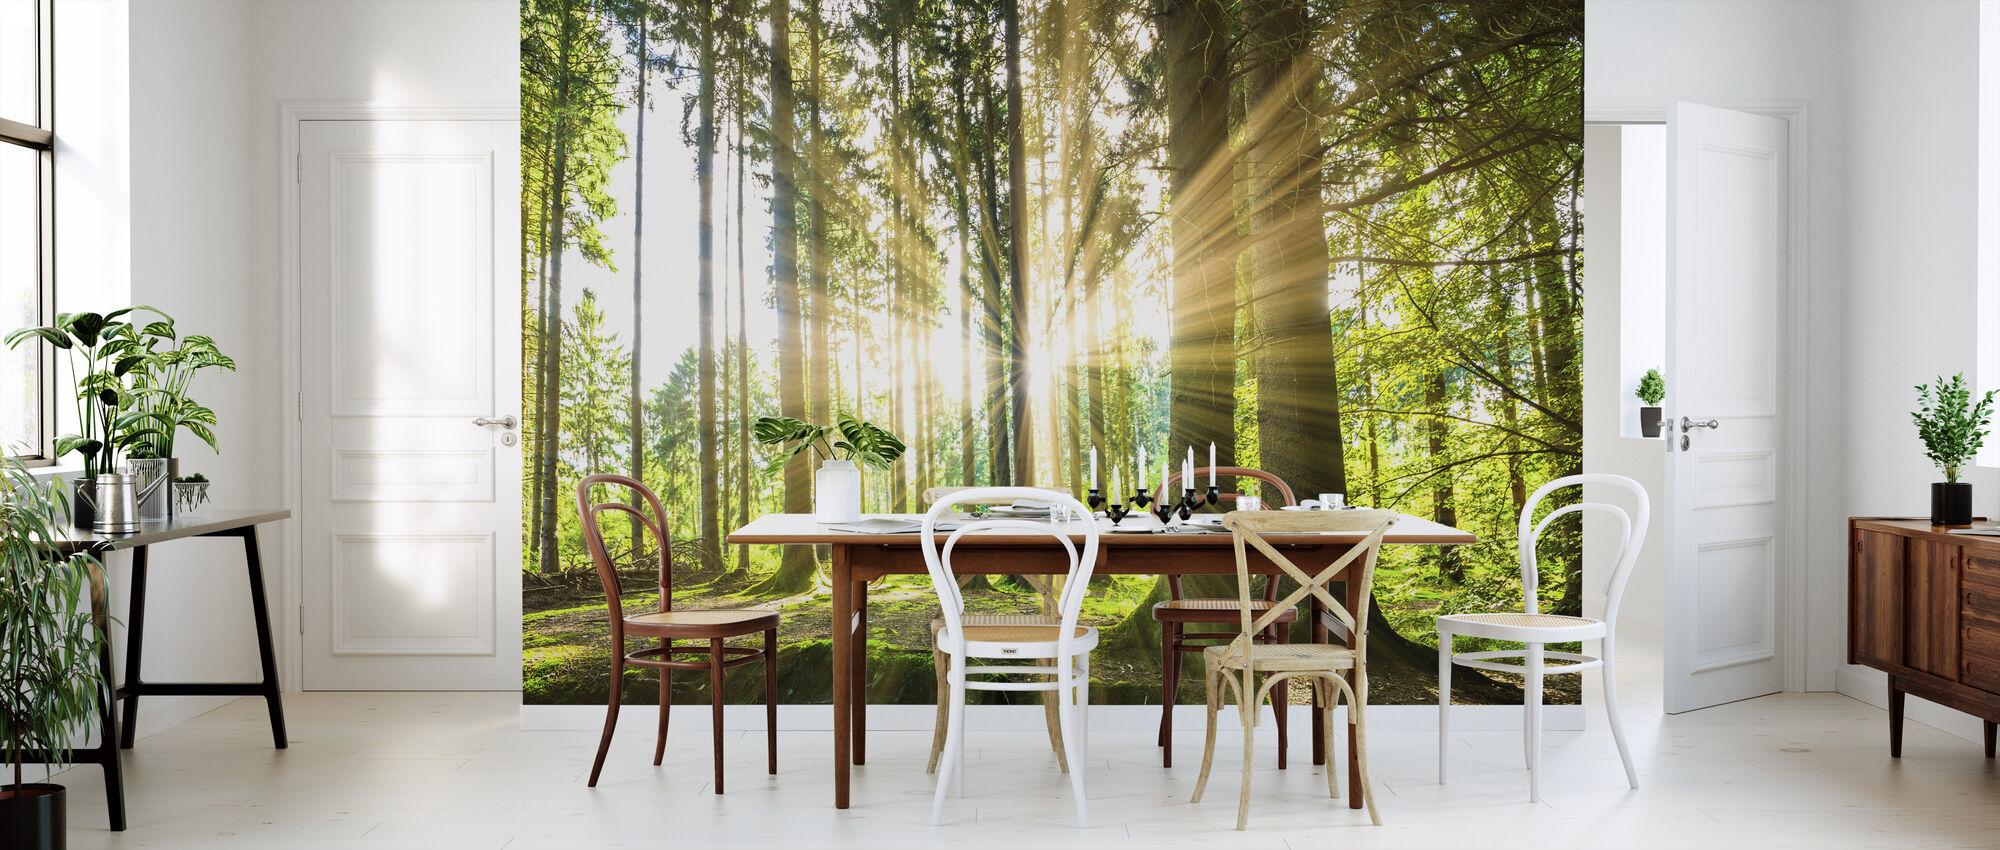 Metsä auringon kanssa - Tapetti - Keittiö